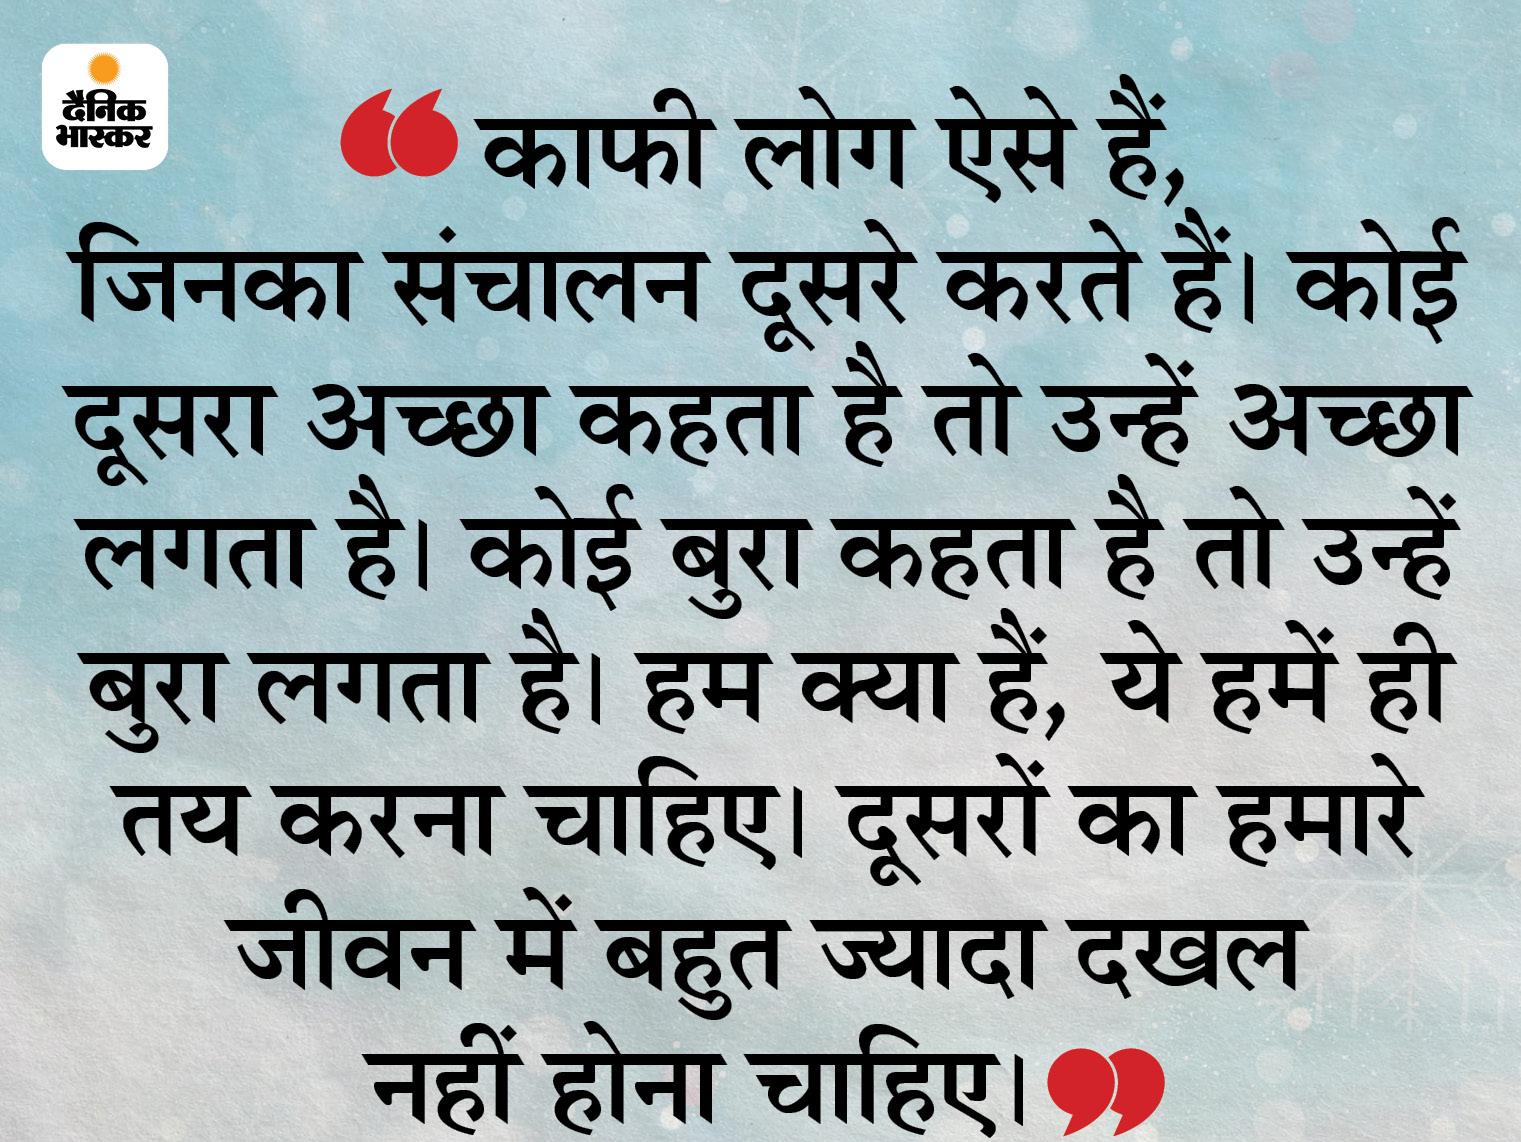 हमें अपने निर्णय खुद लेना चाहिए, दूसरों पर निर्भर रहने से बचें|धर्म,Dharm - Dainik Bhaskar